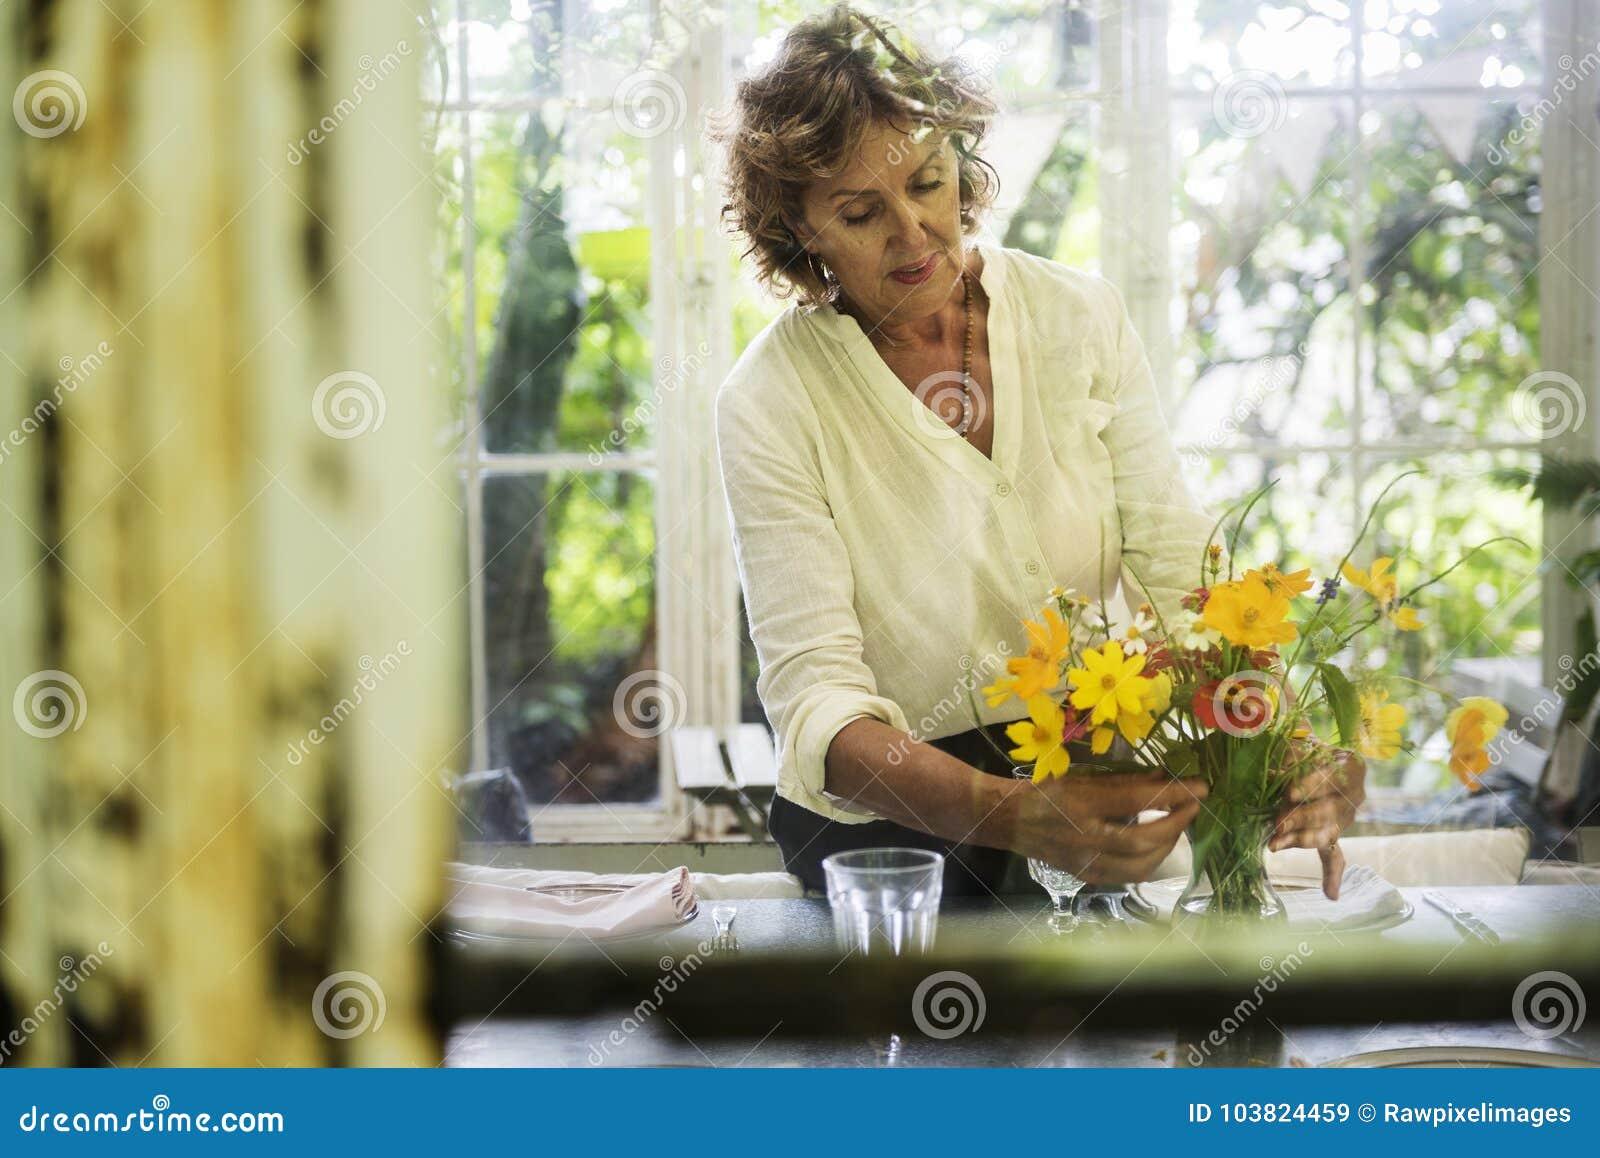 Ανώτερη γυναίκα που τακτοποιεί τα φρέσκα λουλούδια